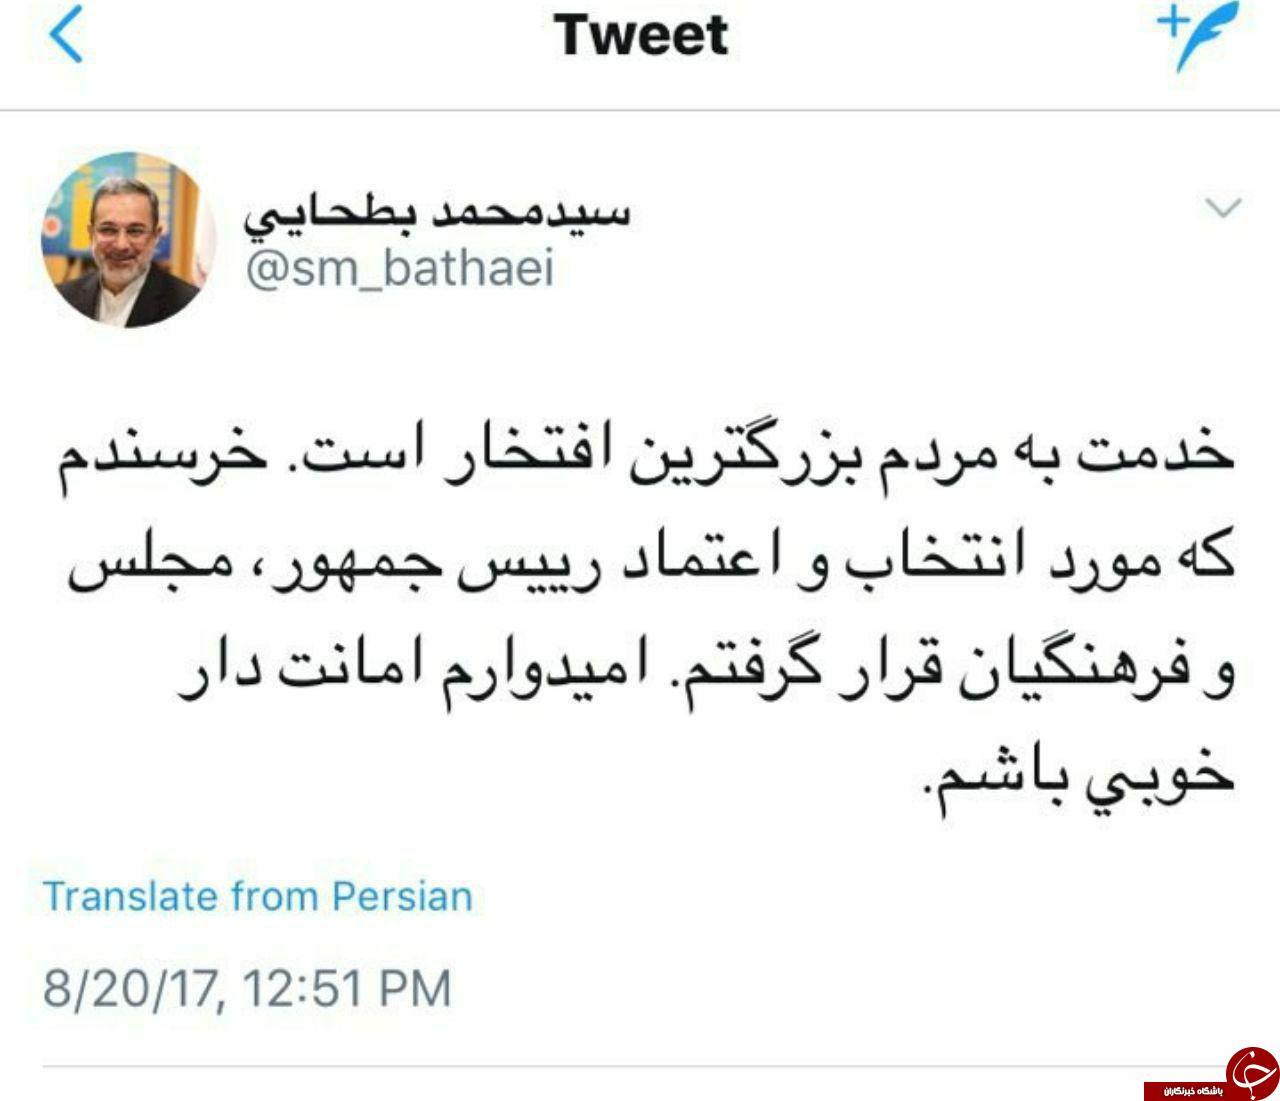 اولین توییت محمد بطحایی پس از اخذ رای اعتماد مجلس